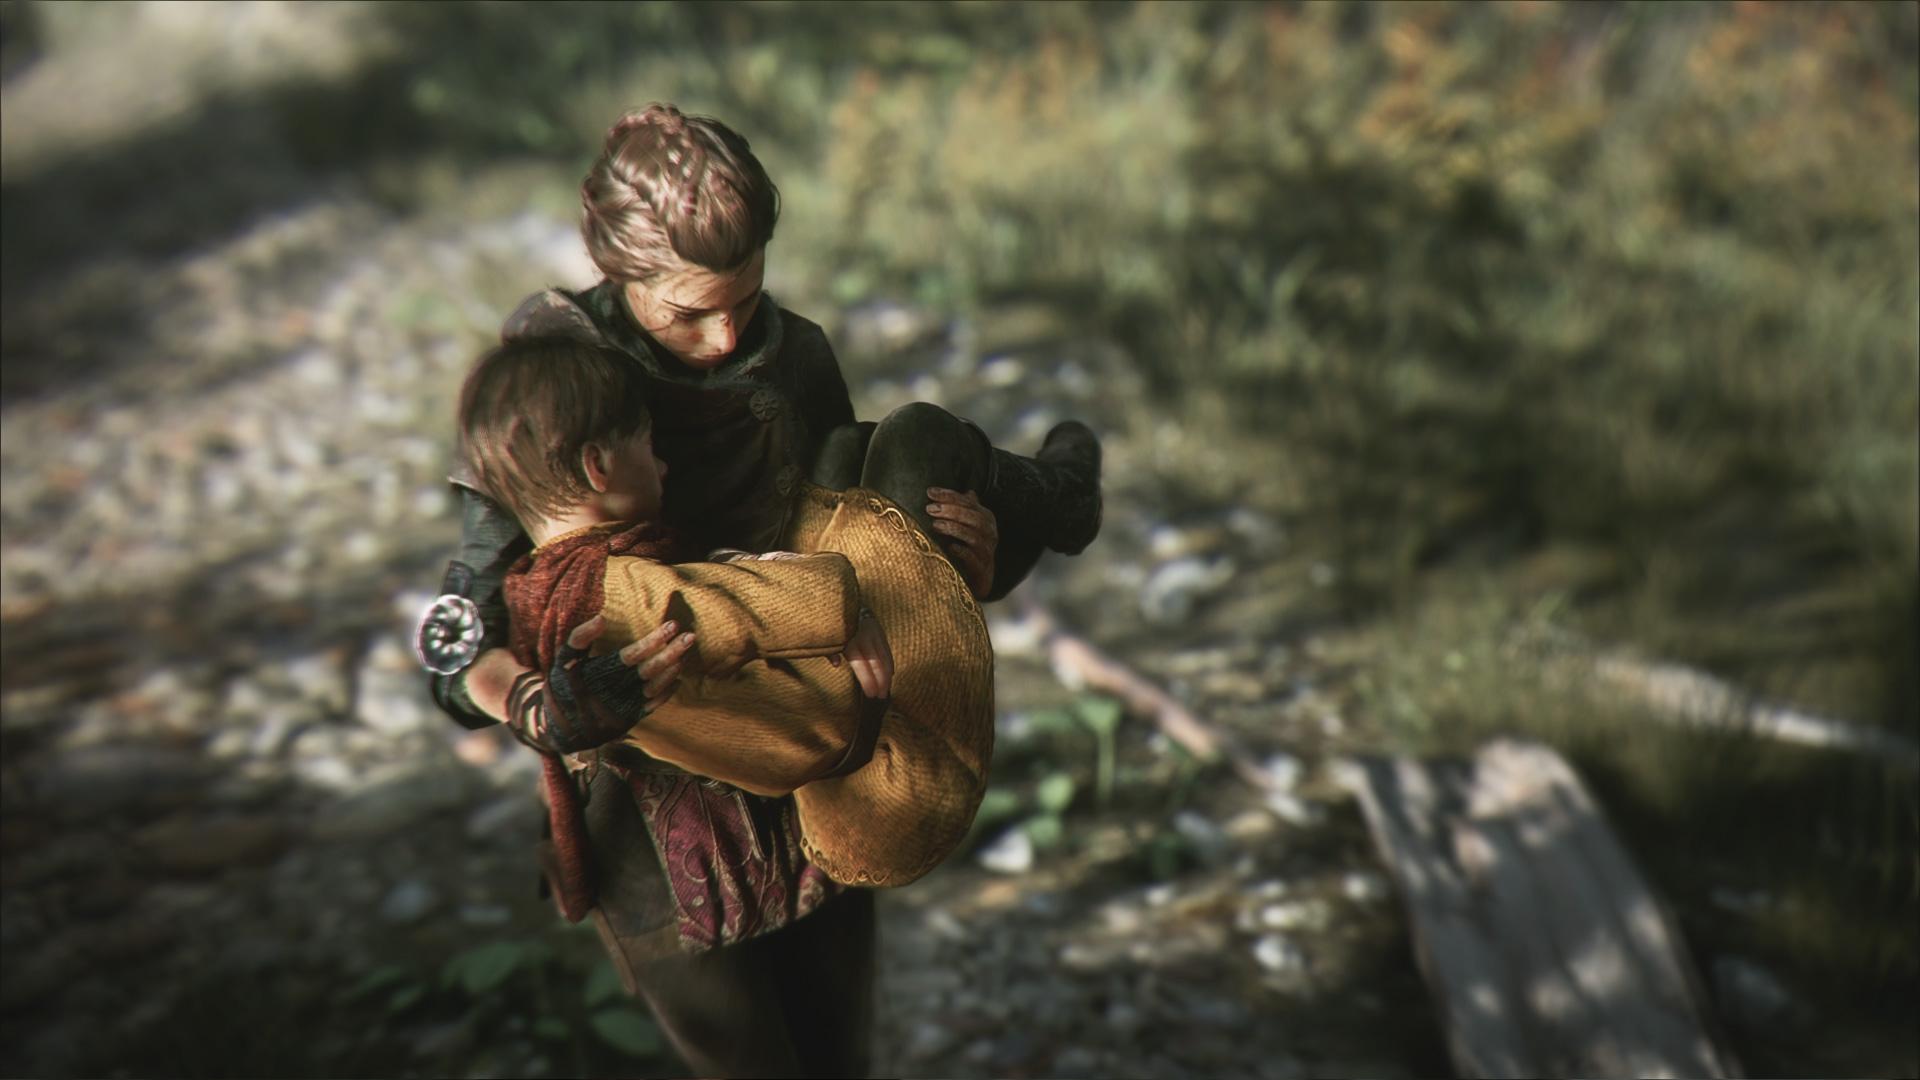 Link Tải Game A Plague Tale Innocence Miễn Phí